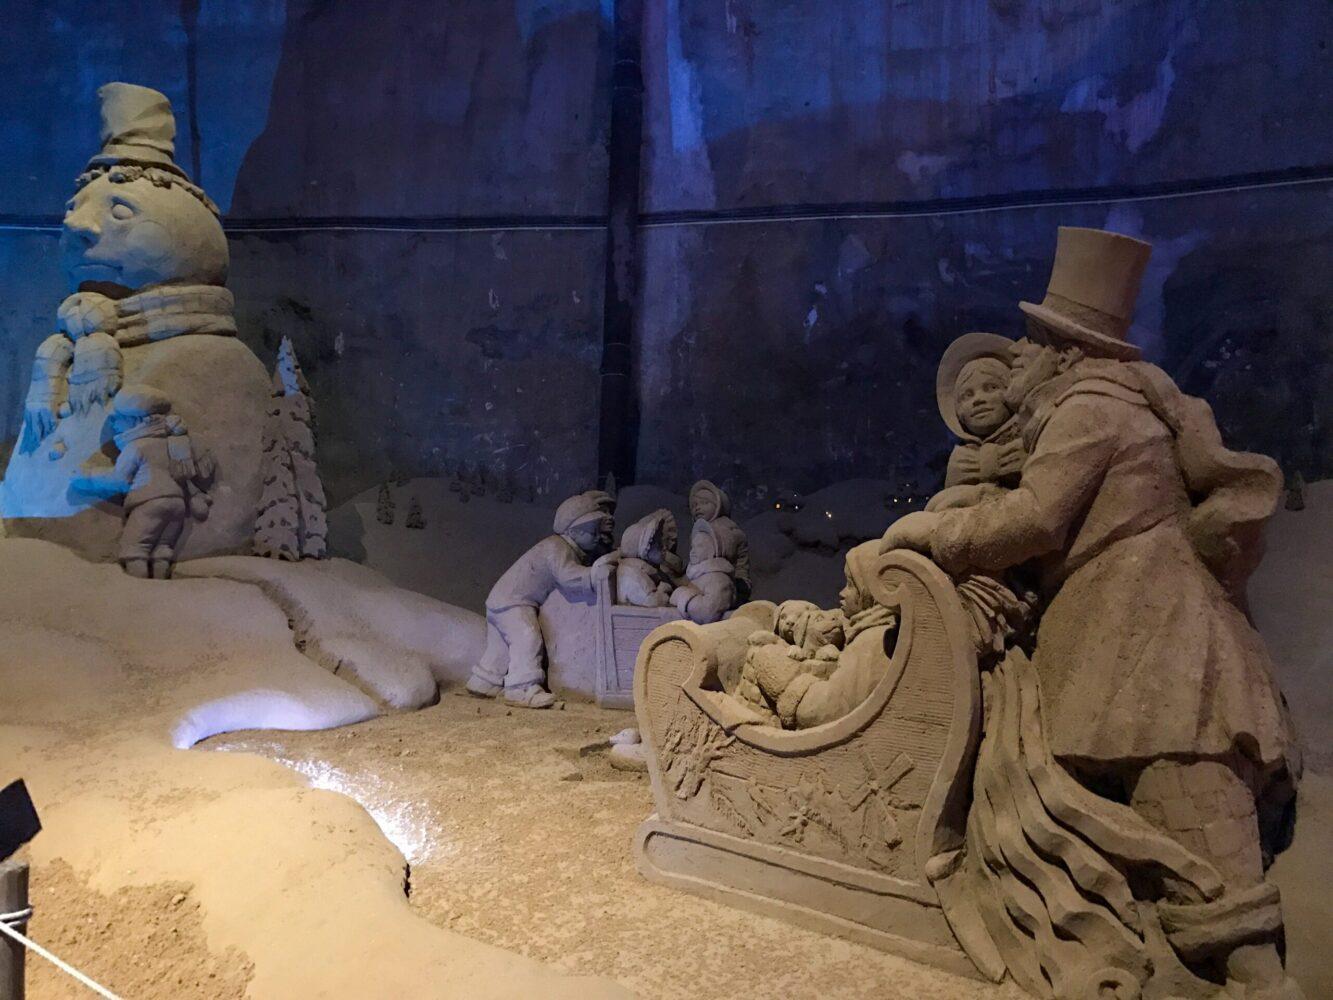 Het Gezinsleven - Uitstapjes - Bezienswaardigheden - Top 10 Bezienswaardigheden in Limburg - De grotten in Valkenburg, zandsculpturen